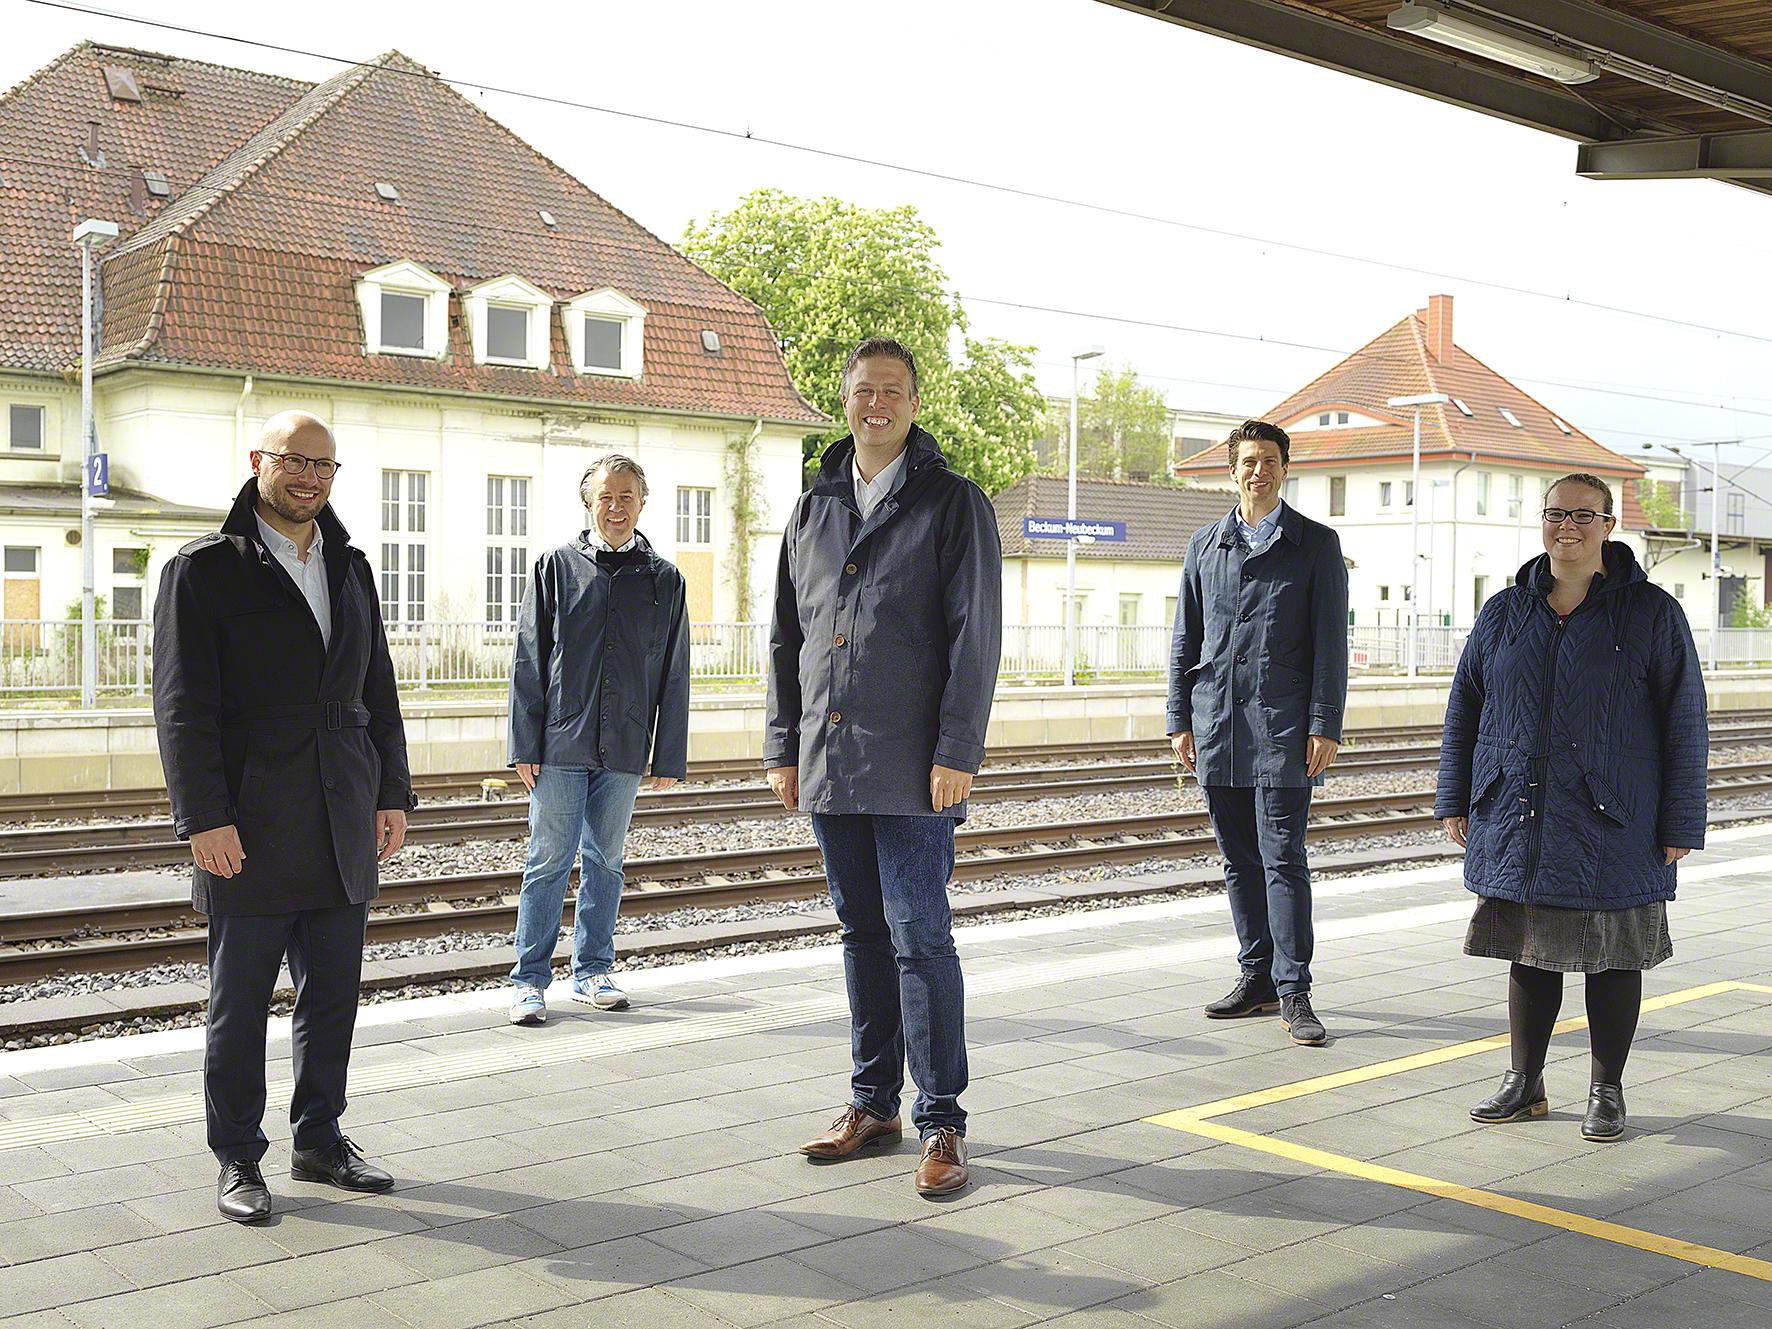 Kreis Warendorf: Landratskandidat Dennis Kocker setzt sich gemeinsam mit der SPD für eine Erweiterung der neu geplanten S-Bahnlinie ein.